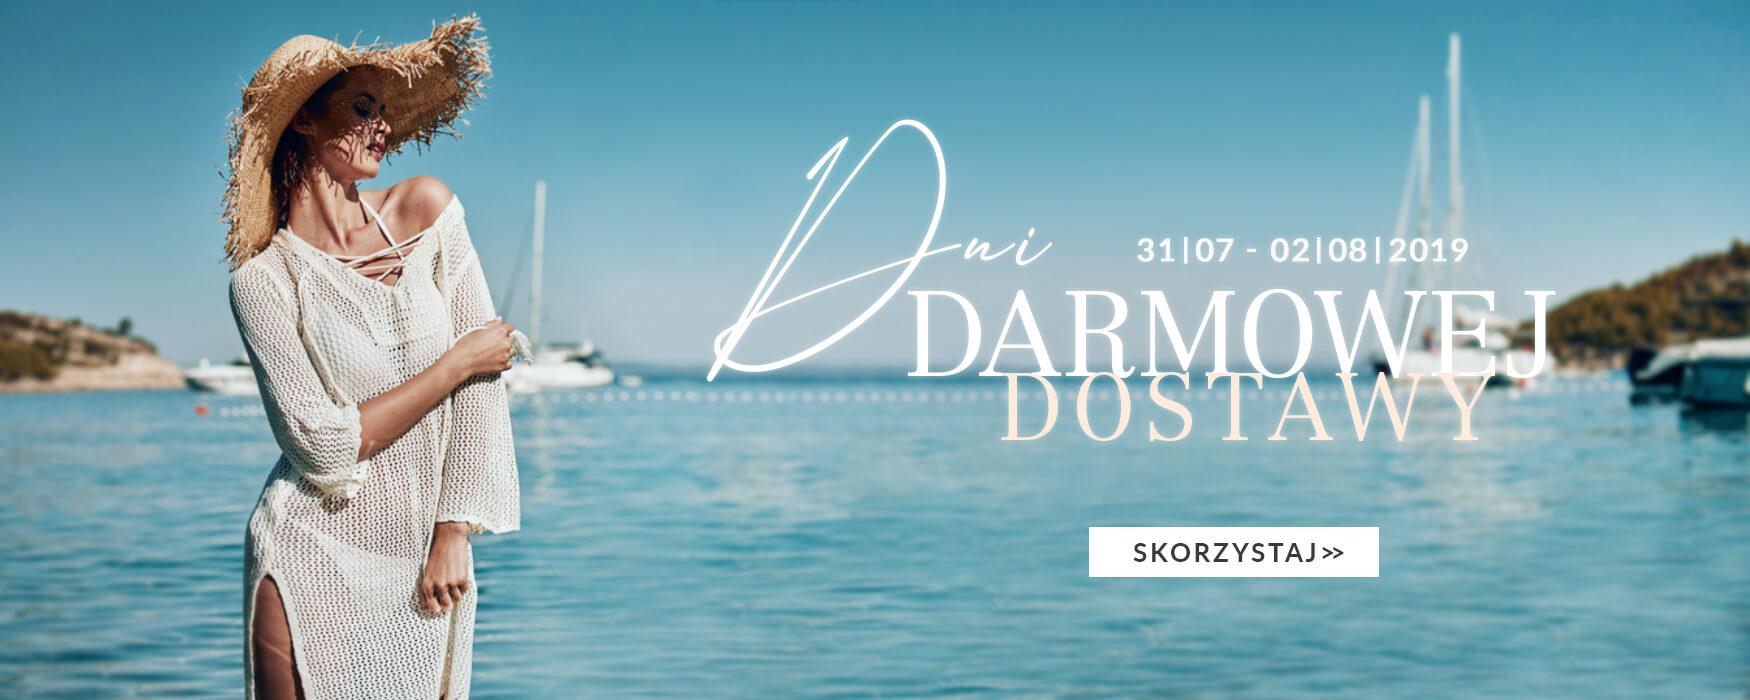 f2dd104069e1df Moda męska: markowa odzież i tanie ubrania online - sklep Dstreet.pl